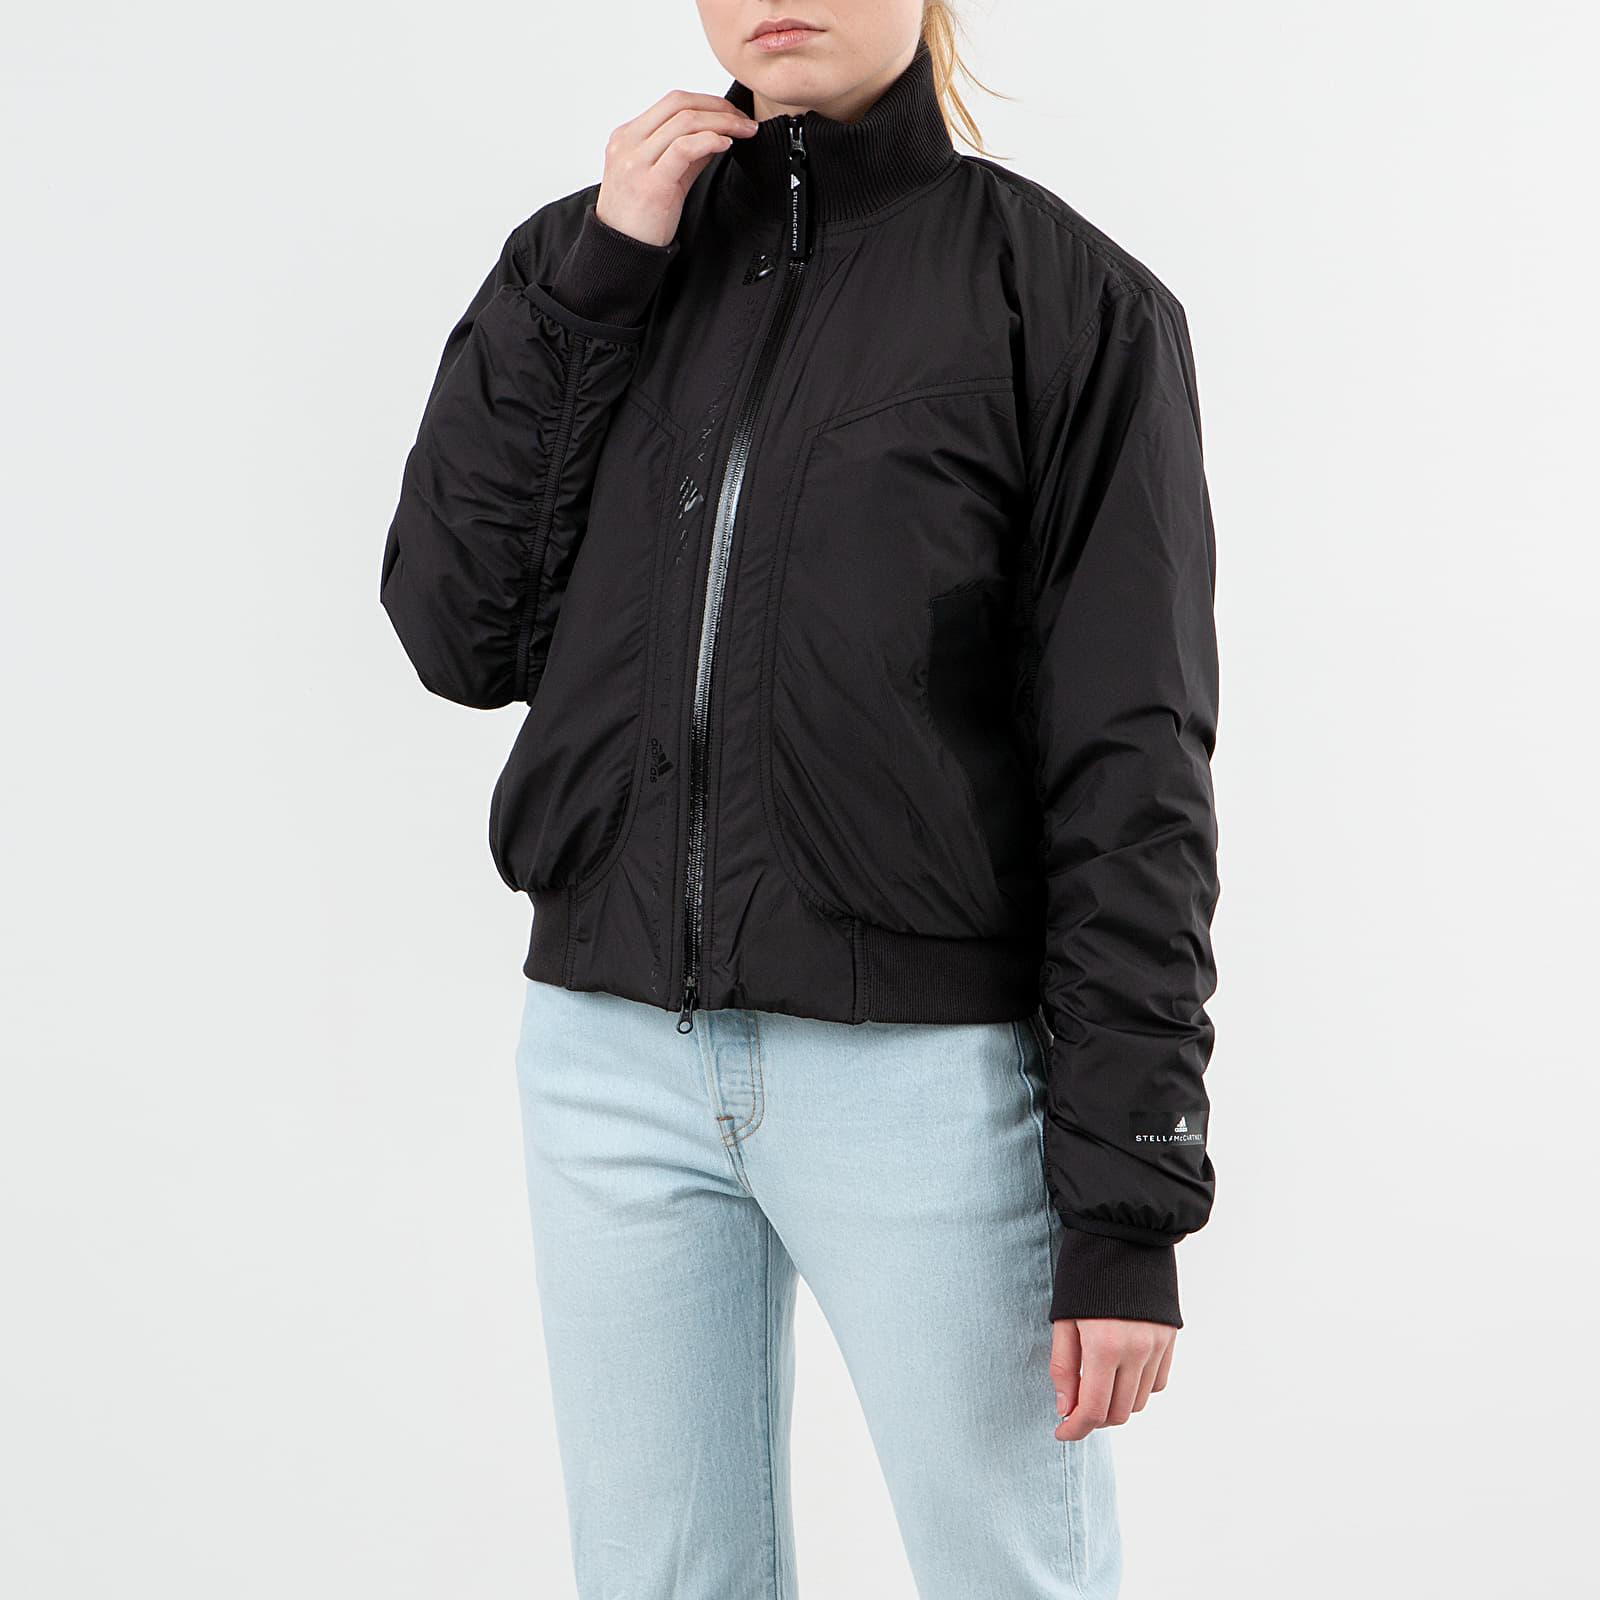 Jacken adidas Bomber Jacket Black